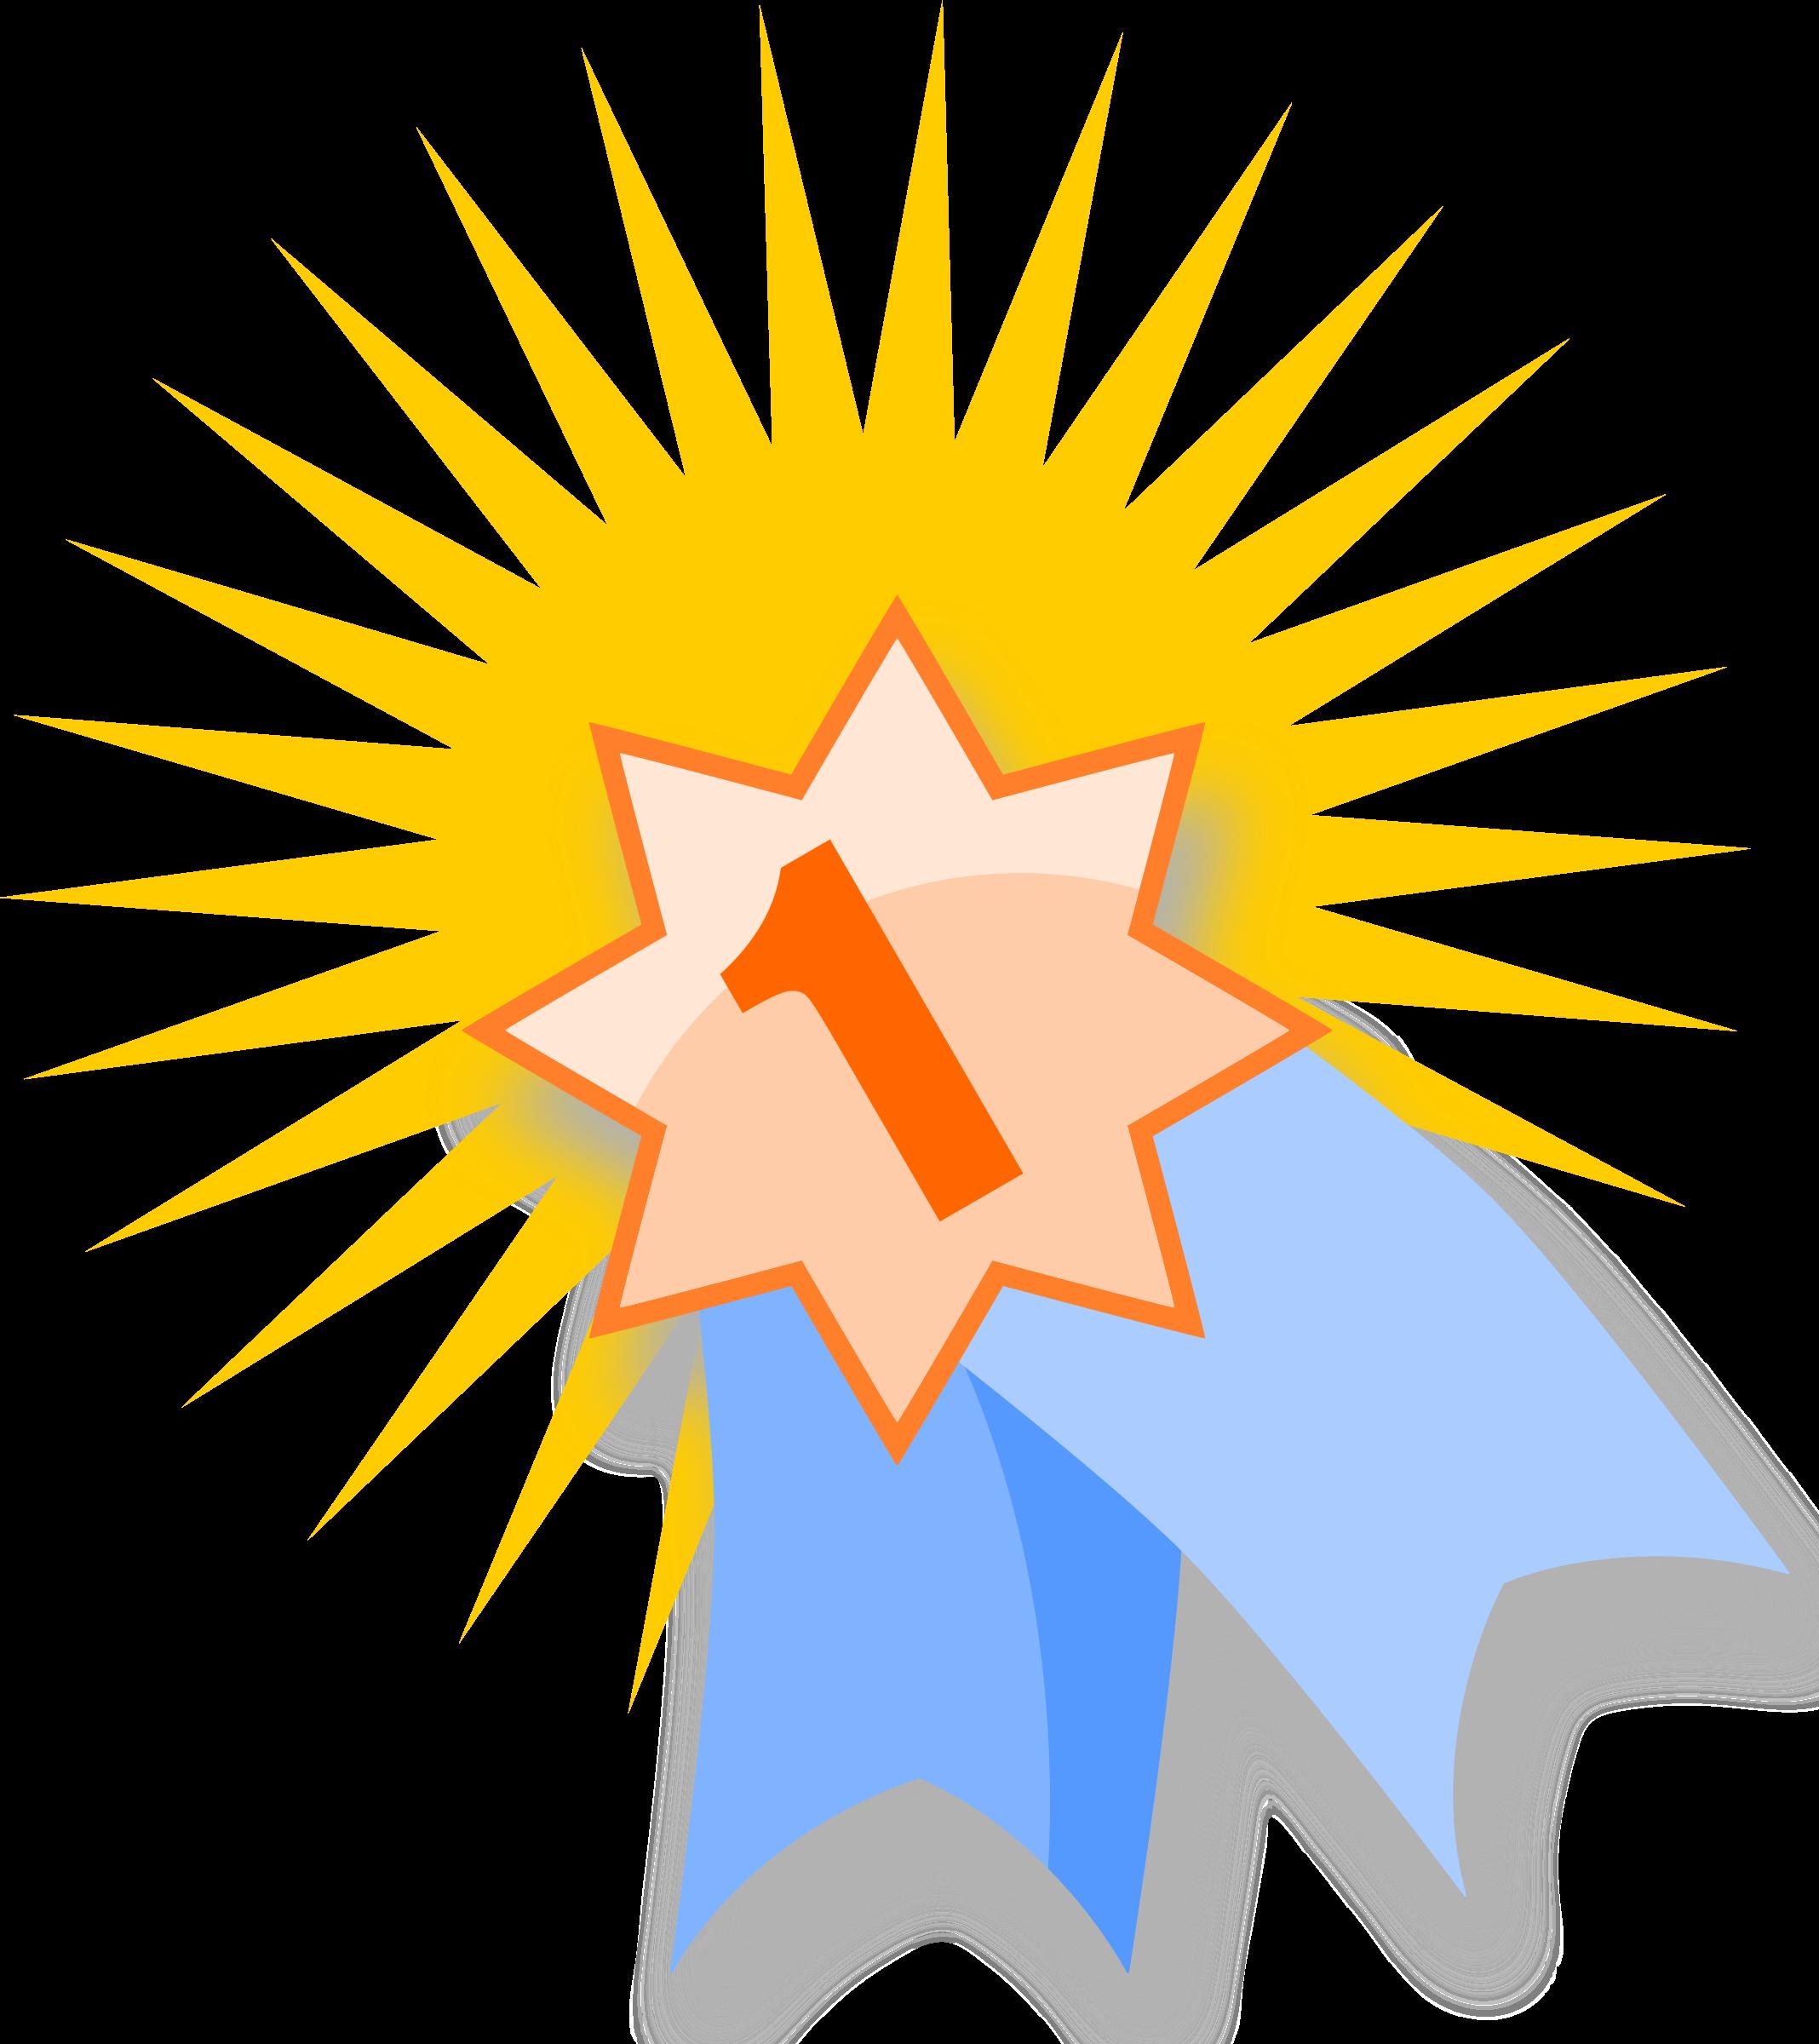 Hd award icons png. Awards clipart symbol